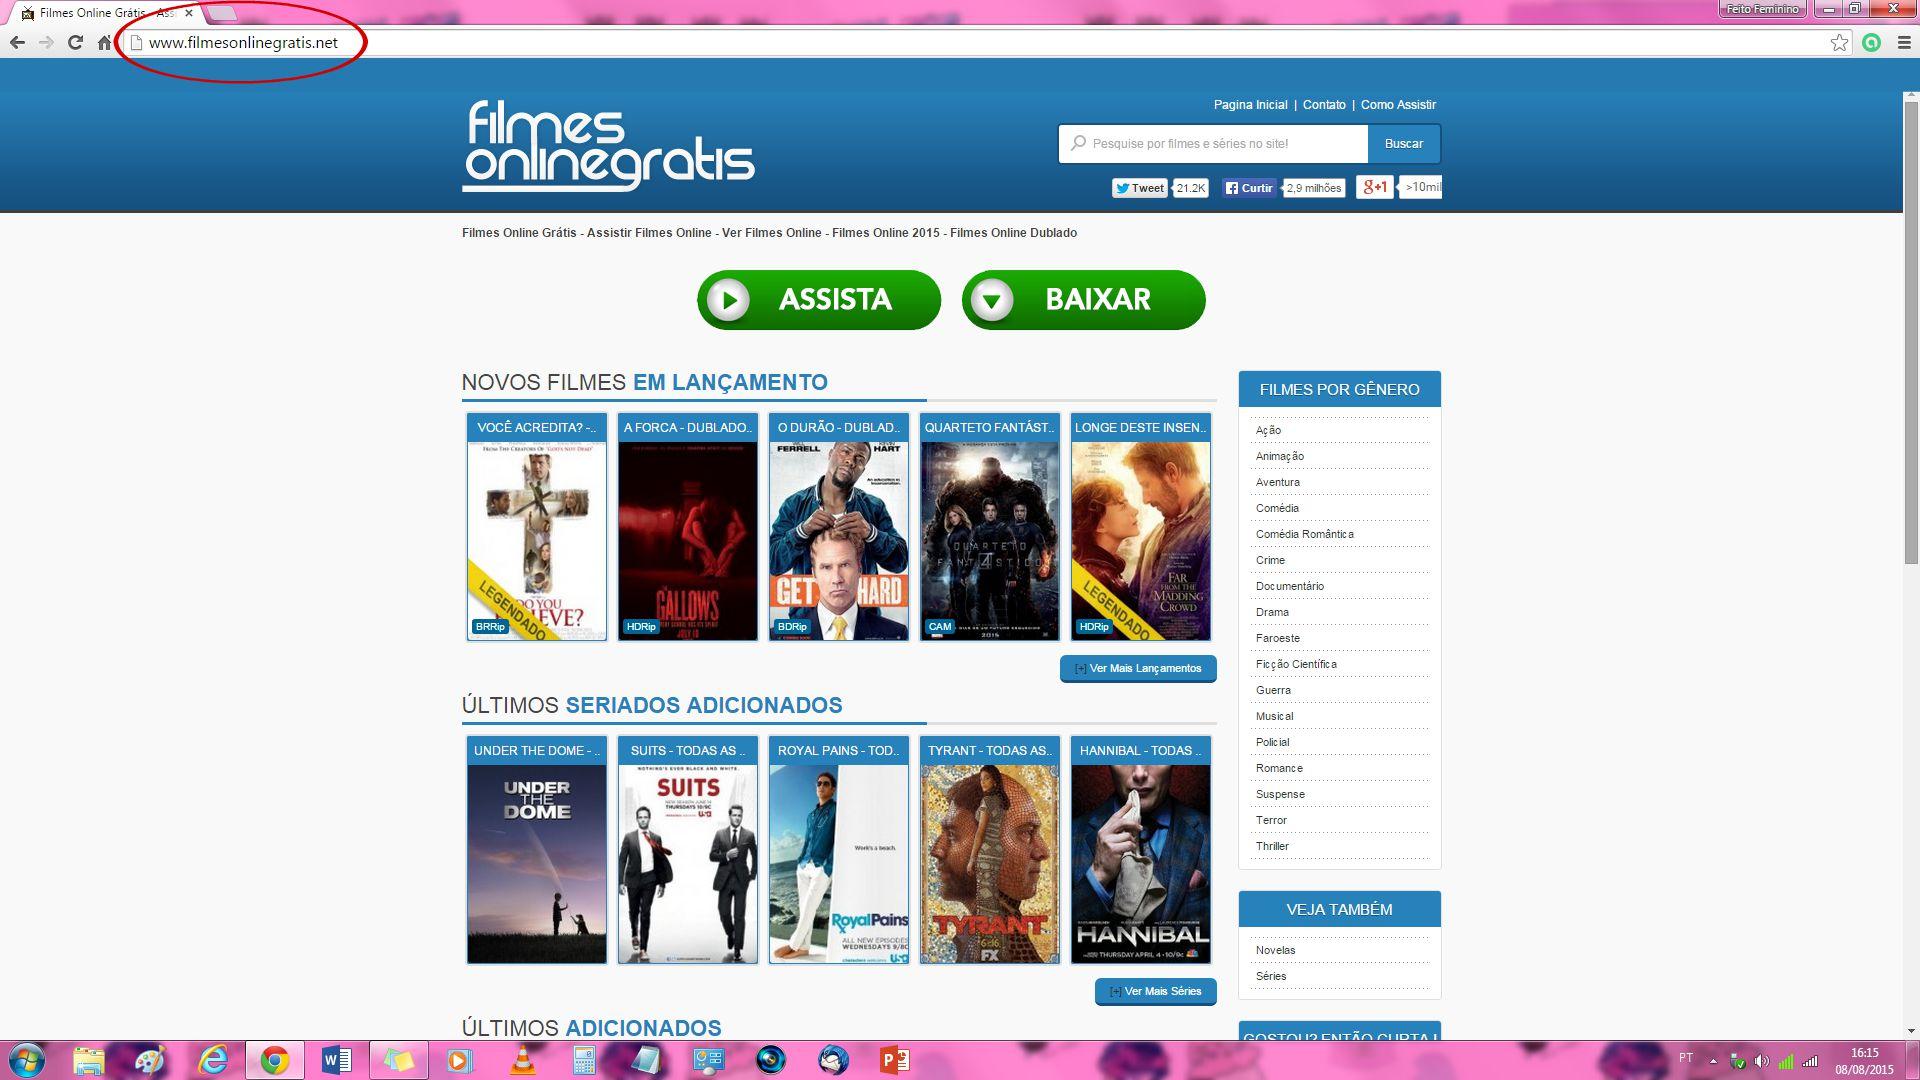 anuncios convivio melhores sites